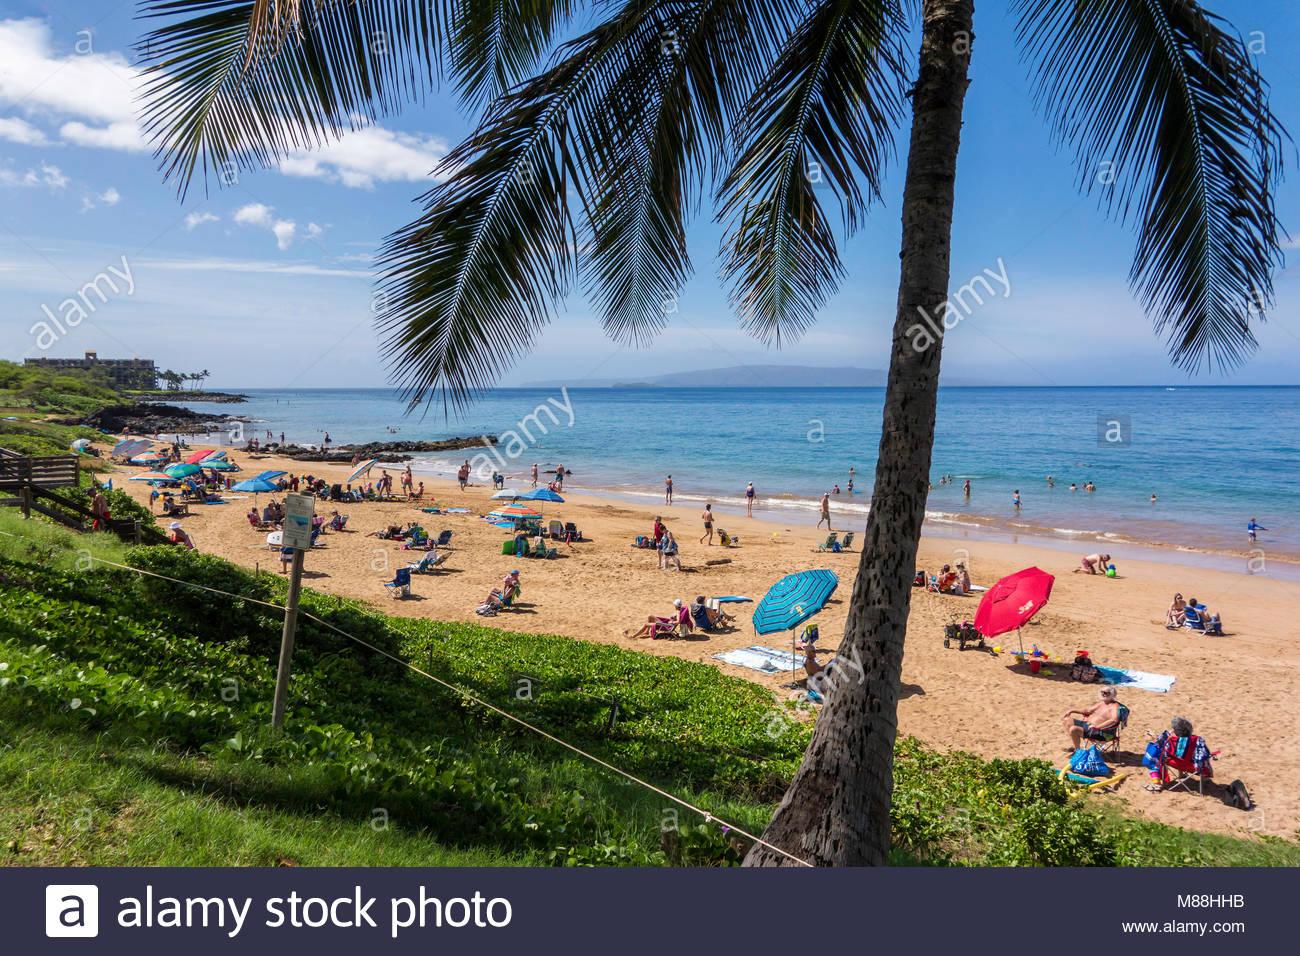 Y la gente de la palmera Kamaole Beach Park 3 en Kihei, en la isla de Maui en el estado de Hawaii, EE.UU. Imagen De Stock